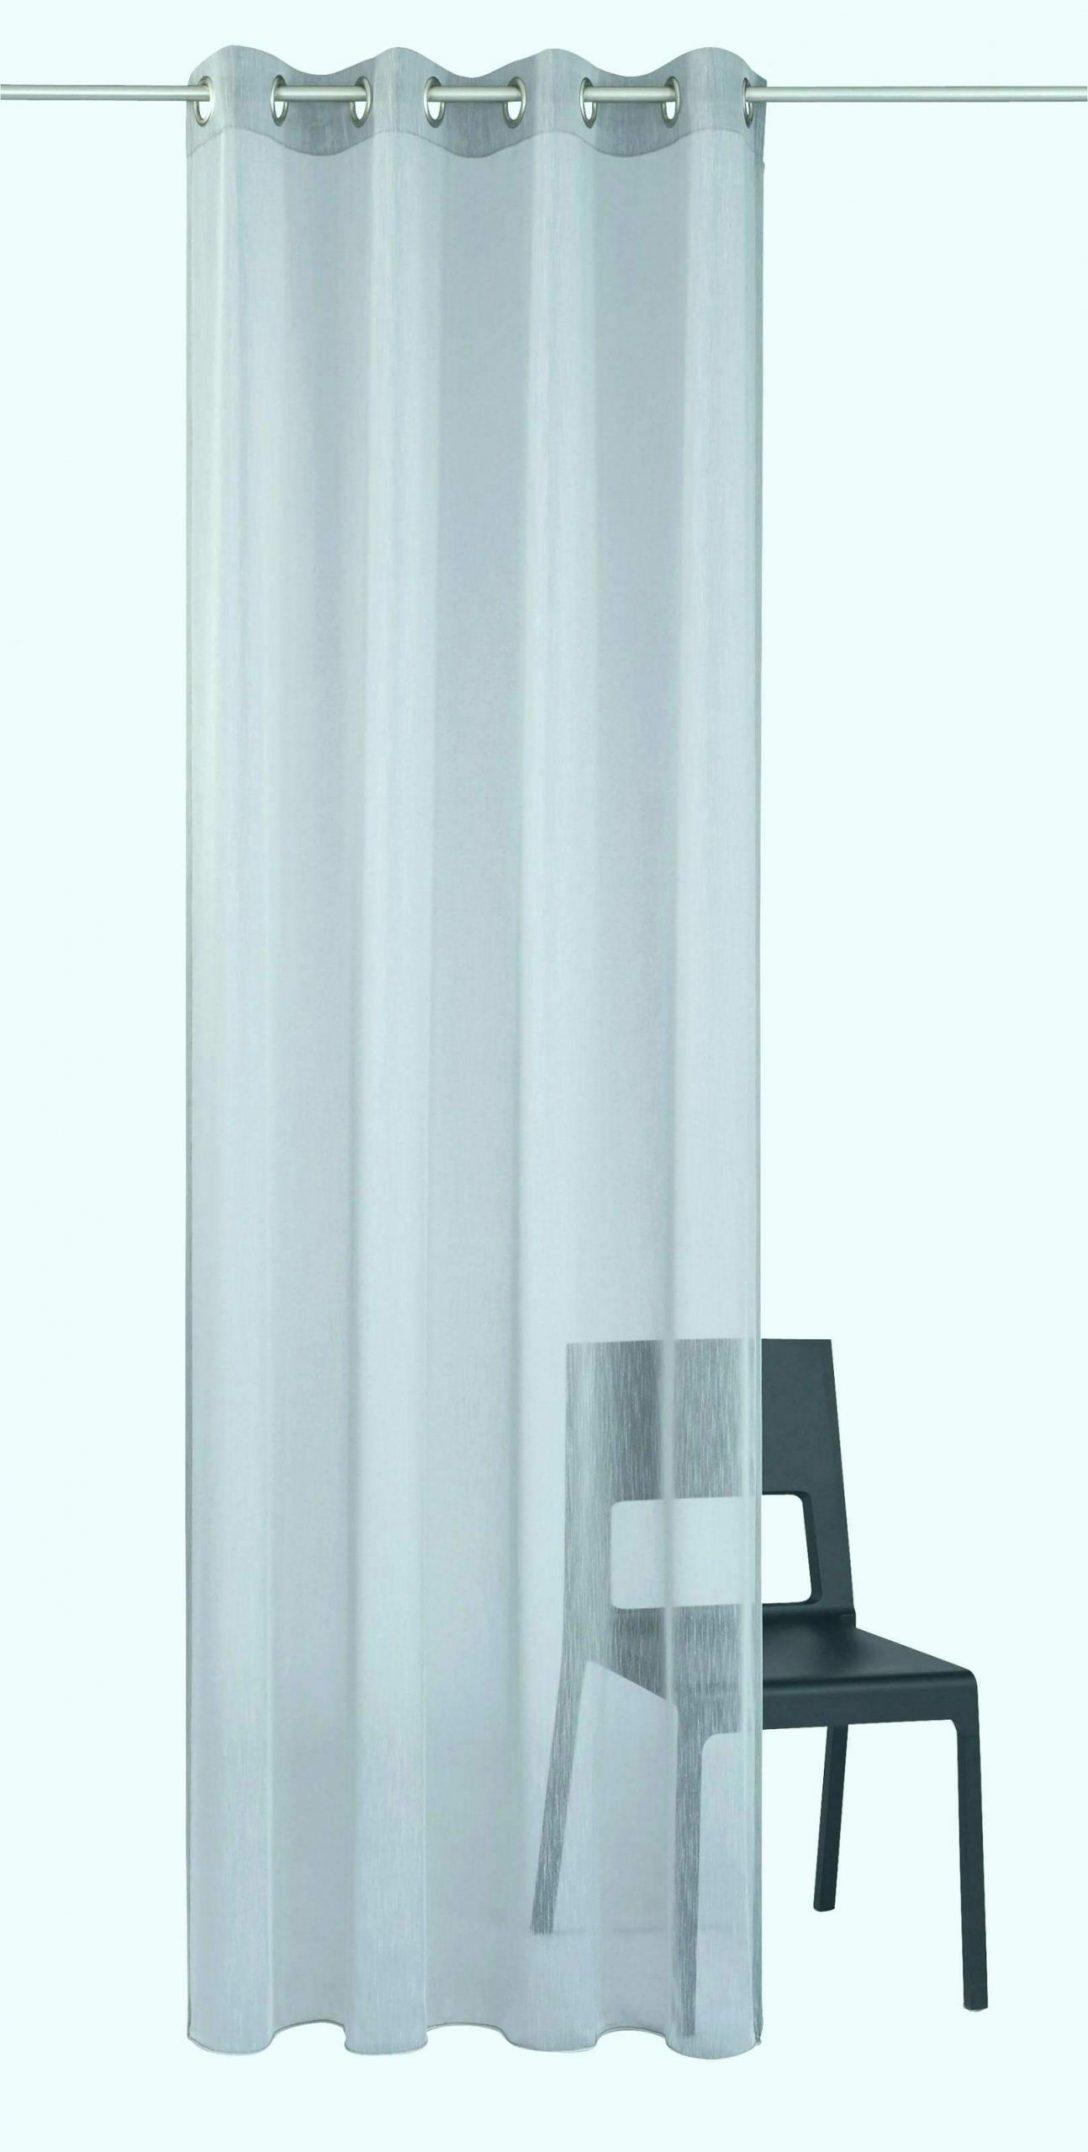 Large Size of Raffrollo Modern Wohnzimmer Gardinen Mit Balkontr Inspirierend 50 Luxus Von Bilder Küche Tapete Modernes Sofa Moderne Duschen Esstisch Weiss Deckenleuchte Wohnzimmer Raffrollo Modern